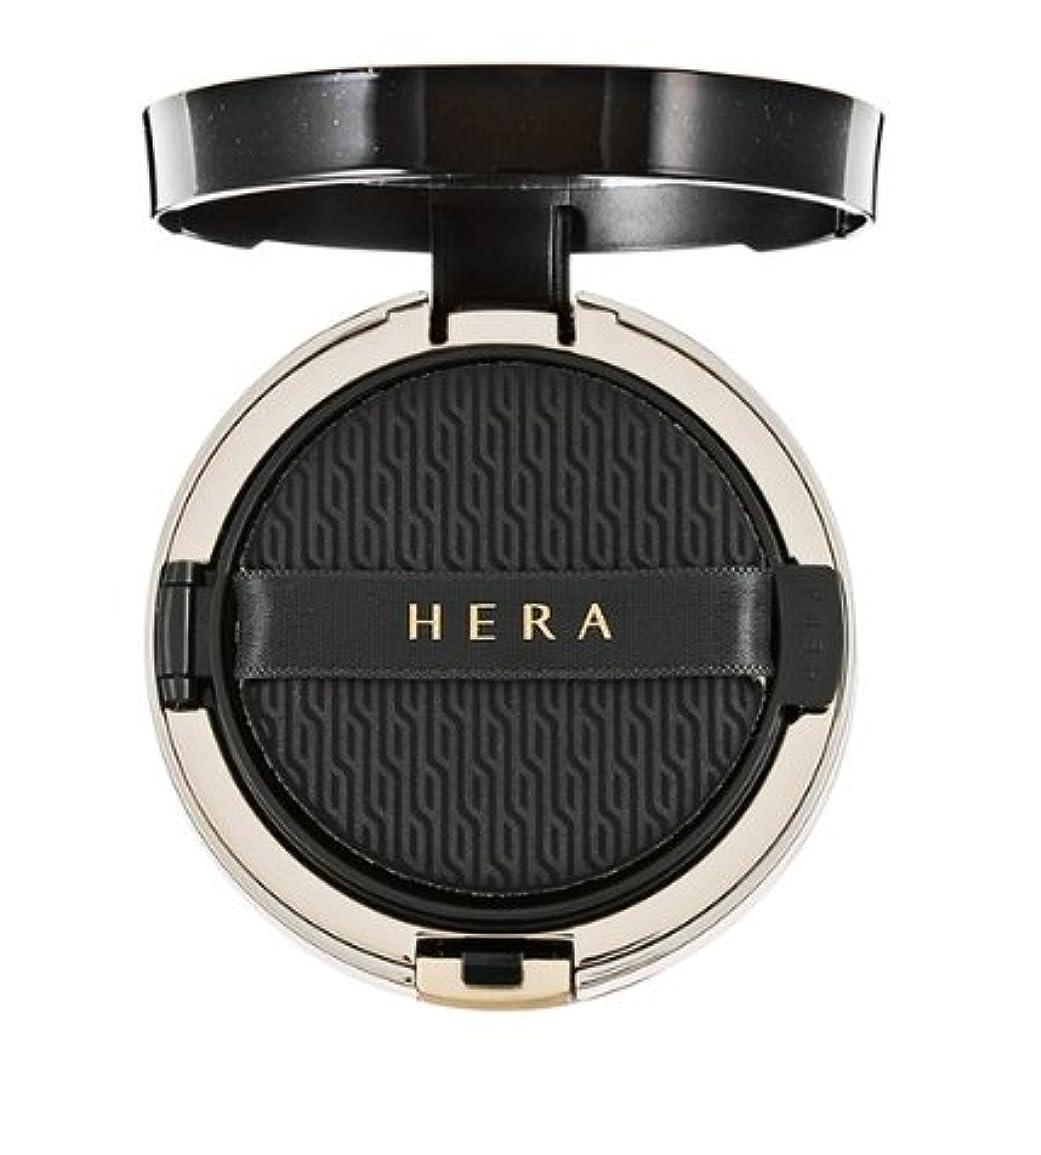 忌まわしい例外組立(ヘラ) Hera ブラッククッション SPF34/PA++ 本品15g+リフィール15g / Black Cushion SPF34/PA++ 15g+Refil15g (No.23 Beige) (韓国直発送) shumaman